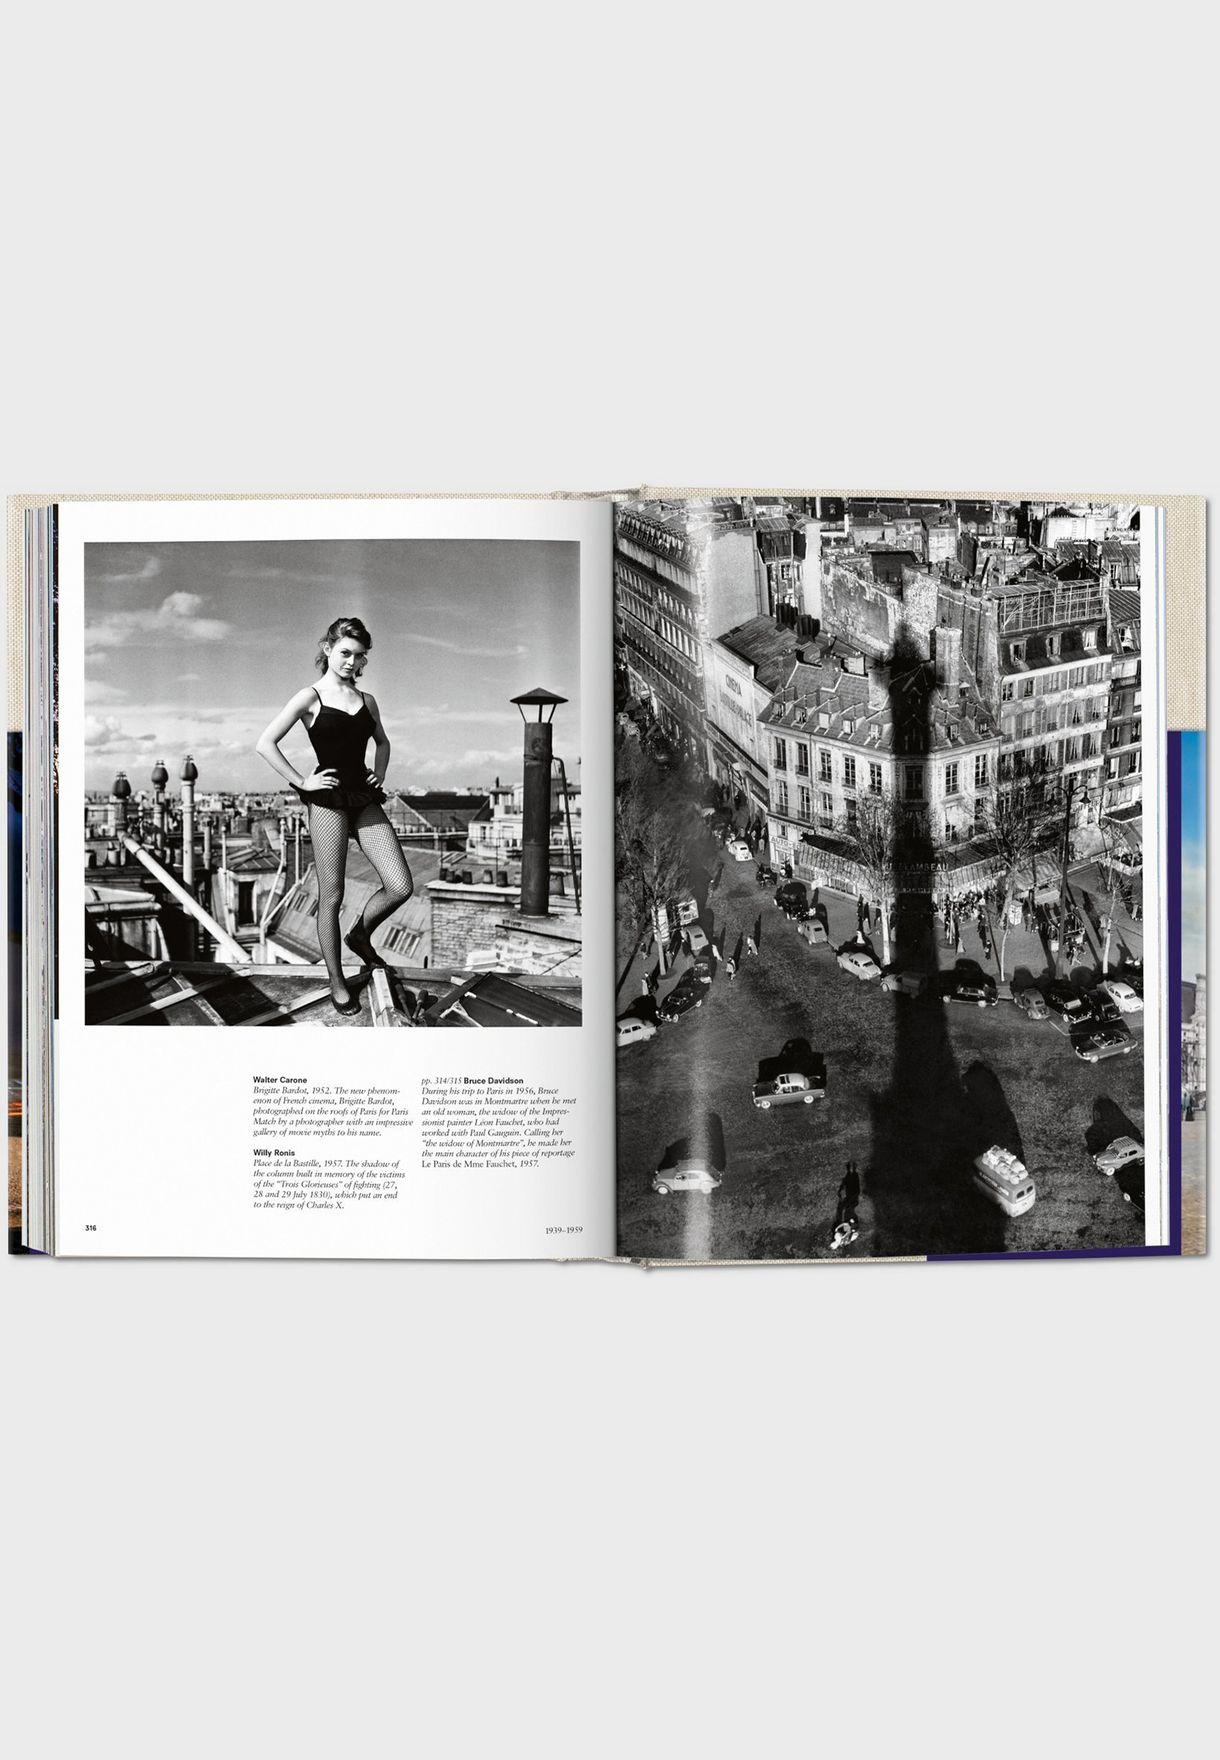 """كتاب """"صور من باريس"""" (Paris Portrait Of The City)"""